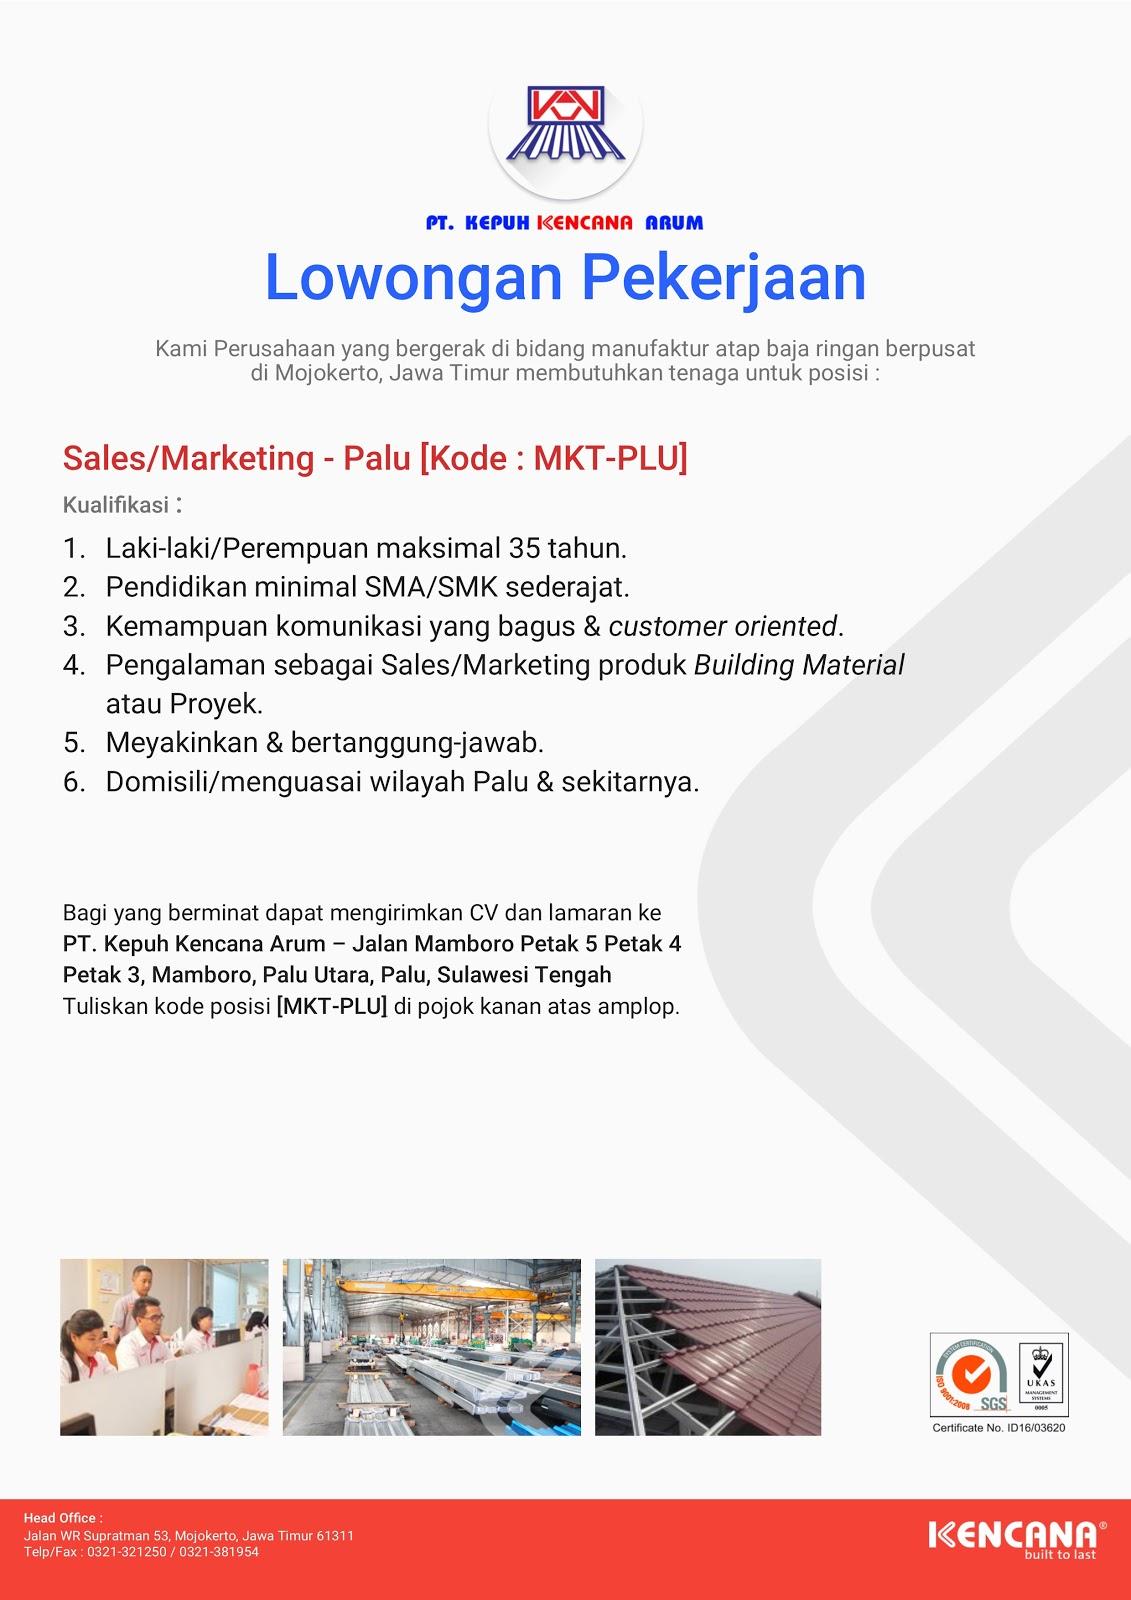 Lowongan Kerja Daerah Mojokerto Dan Sekitarnya : lowongan, kerja, daerah, mojokerto, sekitarnya, Lowongan, Kerja